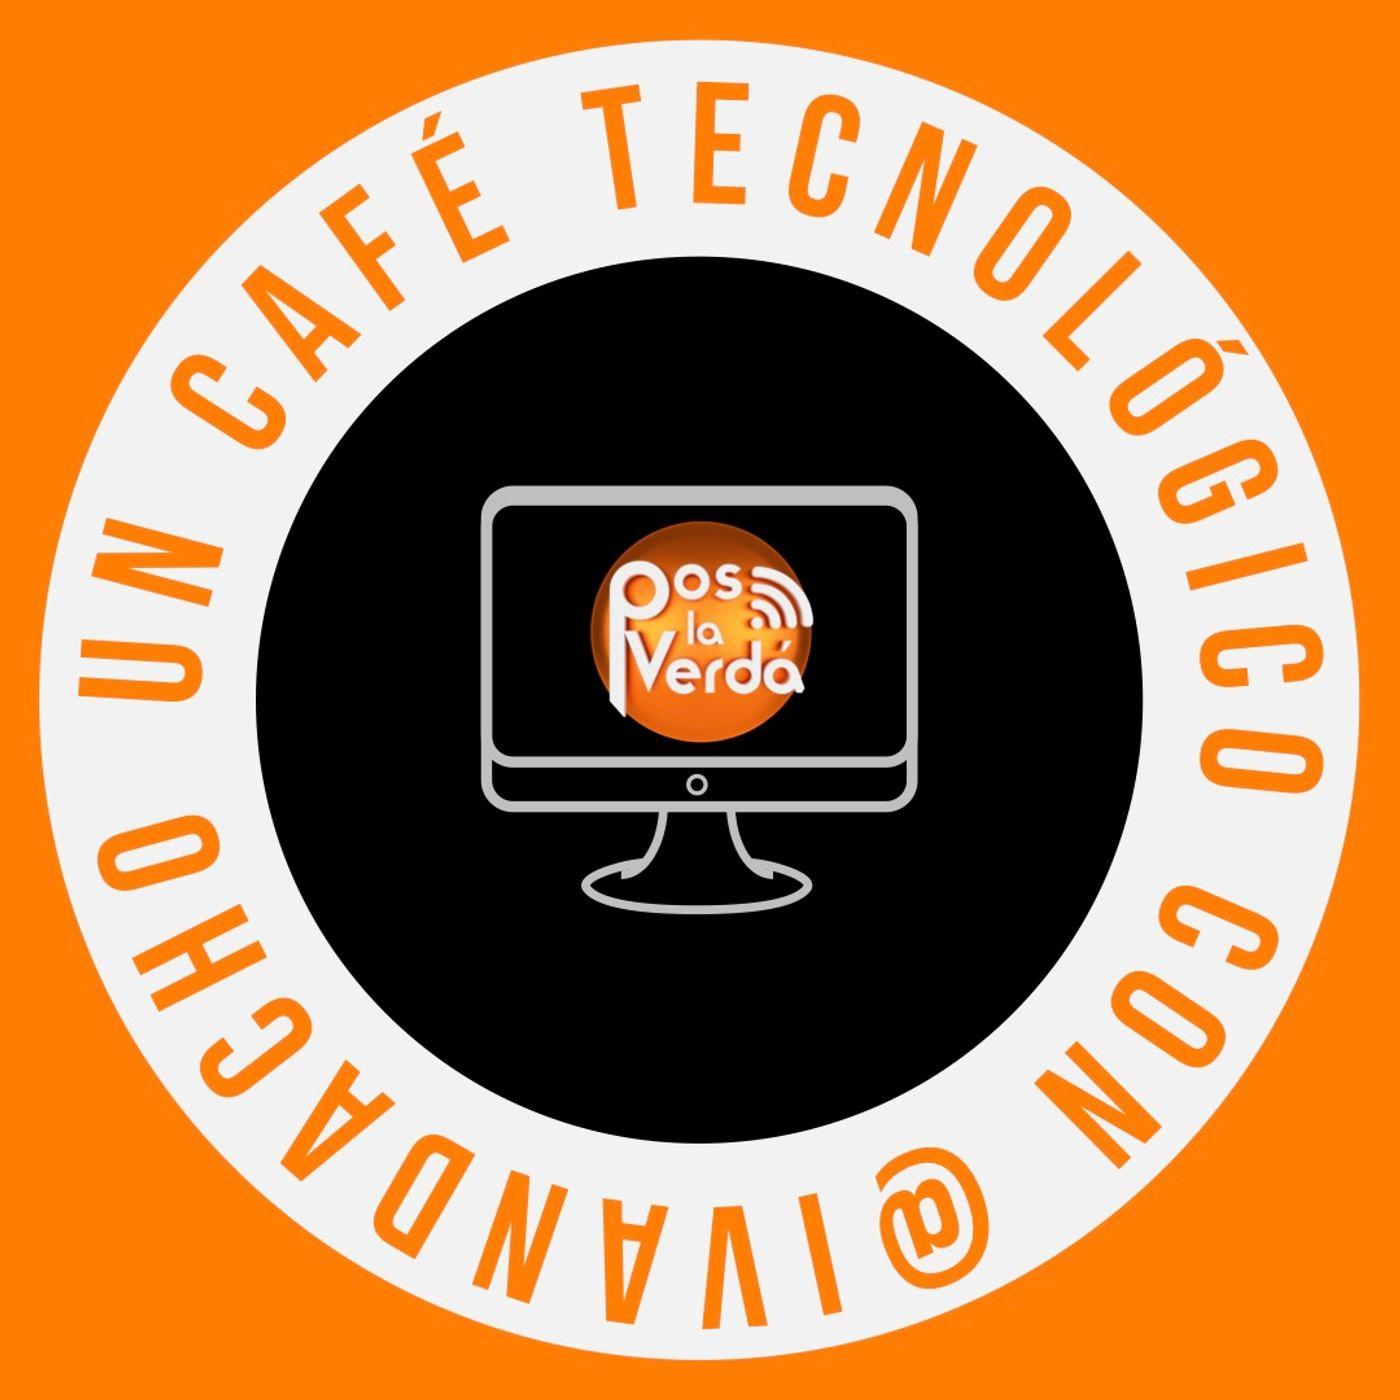 #PosLaVerda 30 de Septiembre, un #CafeTecnologico con @Ivandacho y @JABP008